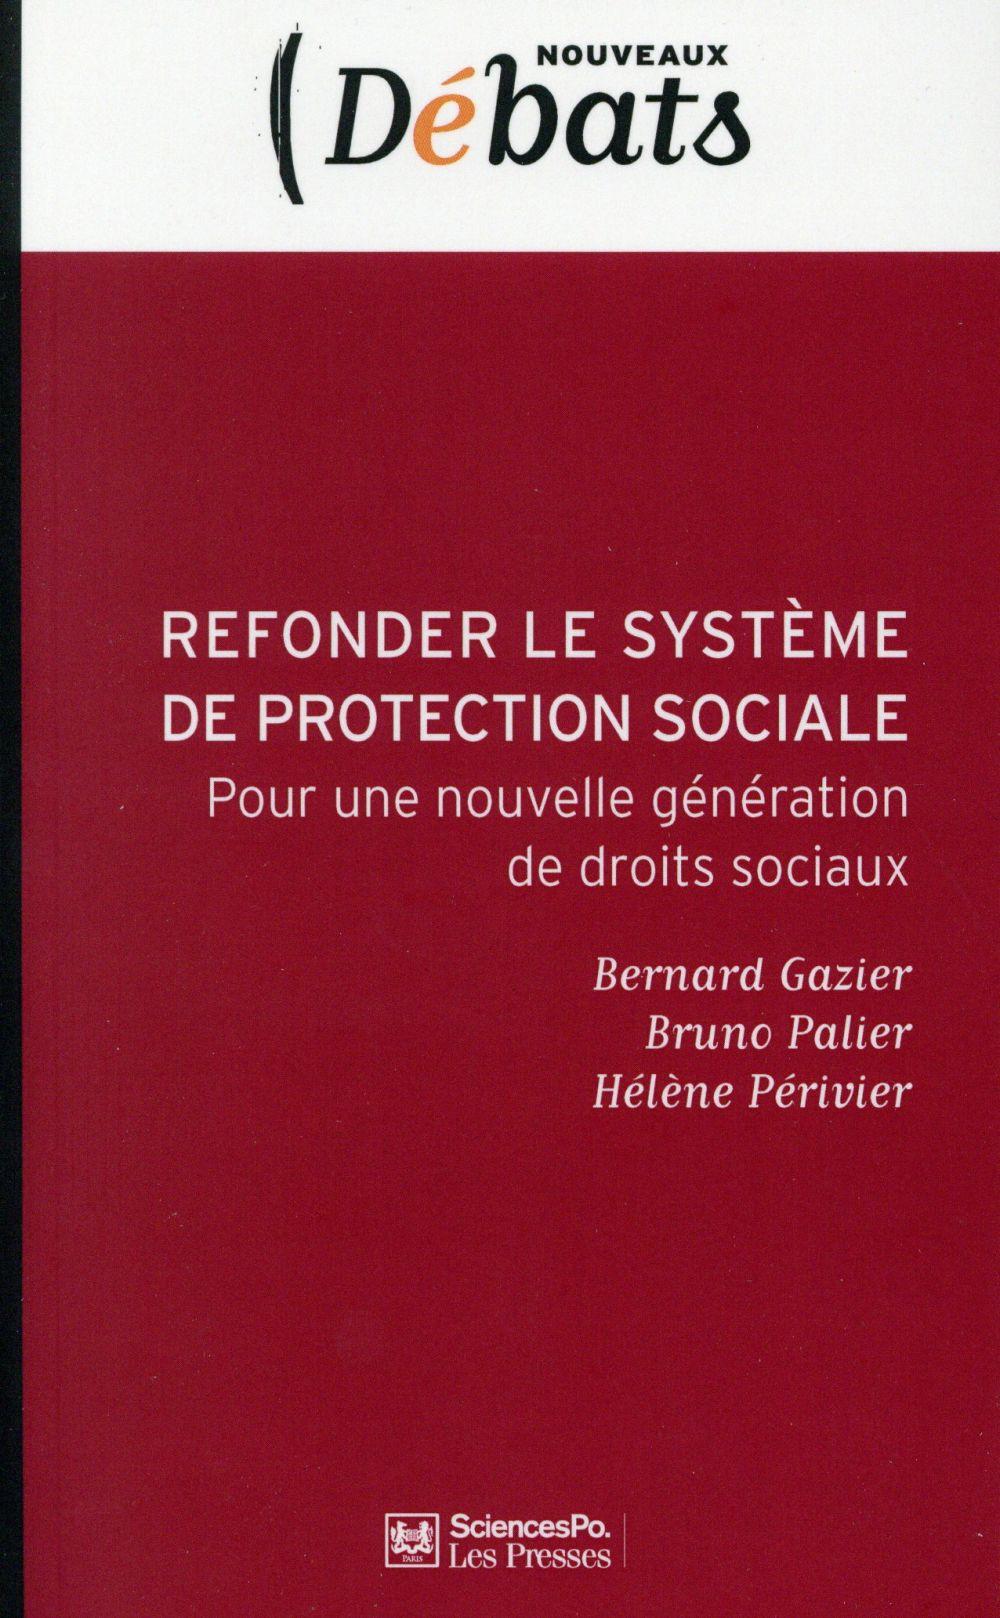 Refonder le système français de protection sociale ; vers de nouvelles solidarités